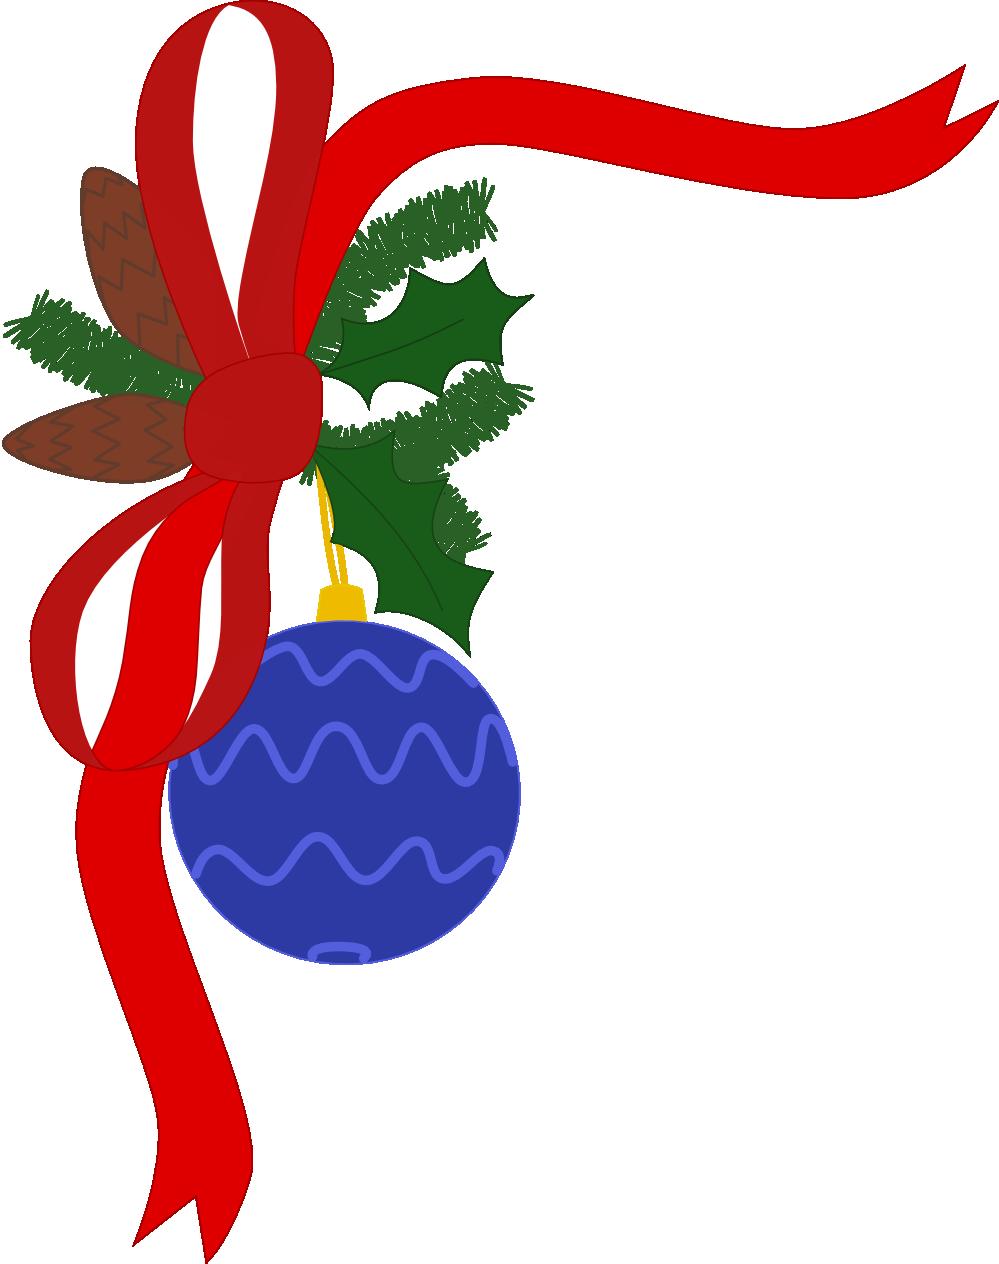 Holiday Clip Art Borders Free Free Clipa-Holiday clip art borders free free clipart images-10